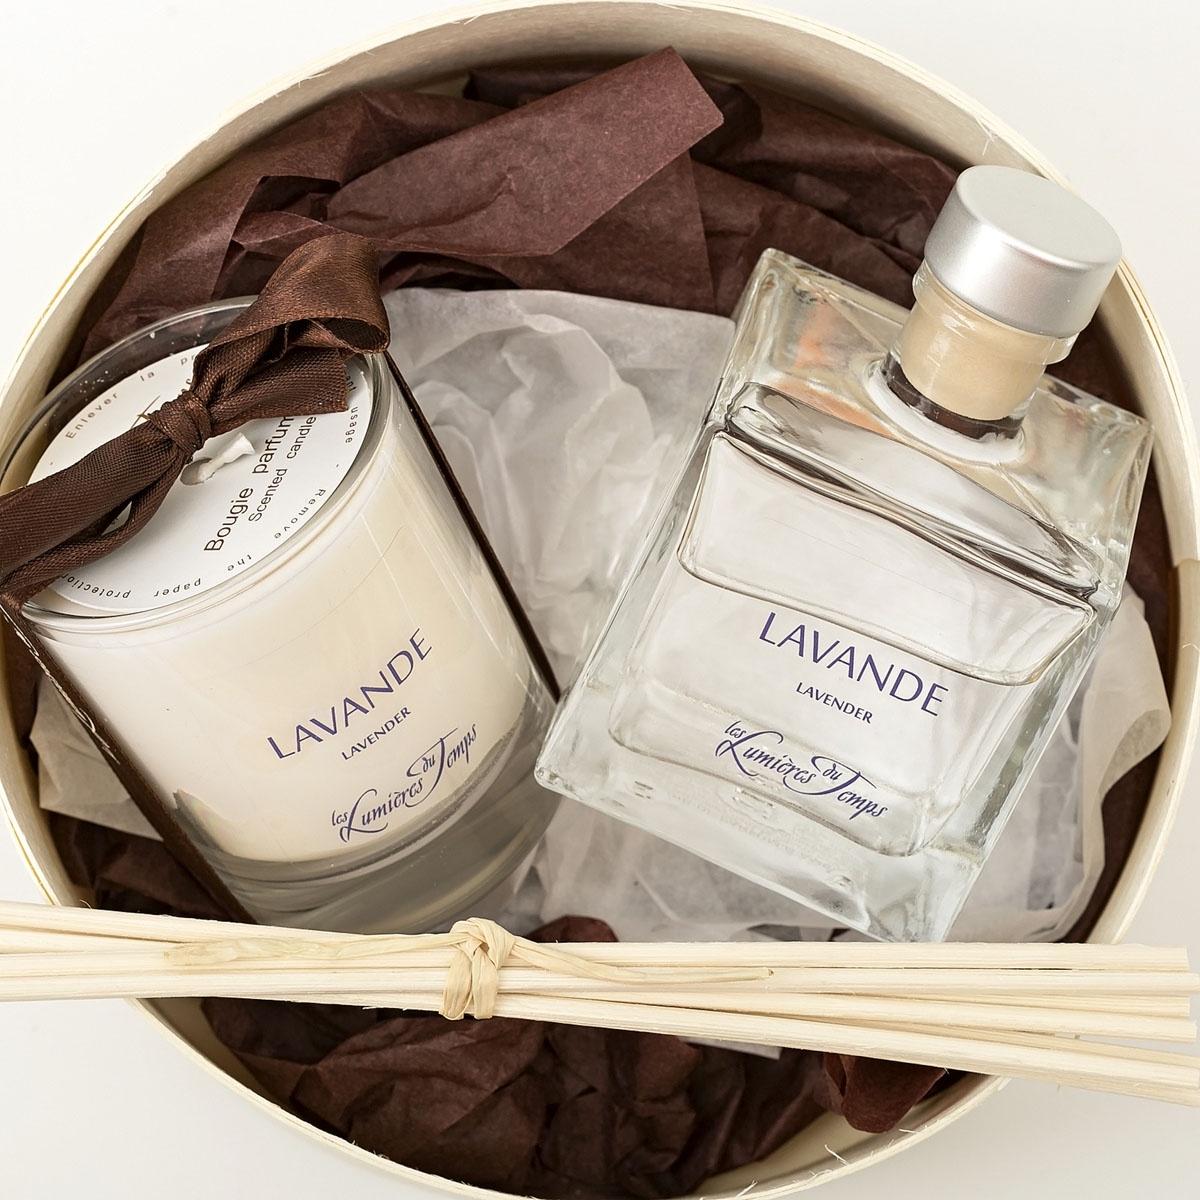 Подарочный набор Les Lumieres du Temps Лаванда: аромадиффузор, 100 мл + ароматическая восковая свеча, 90 г + тростниковые палочкиCOF9 LALAVANDE / ЛАВАНДА (лаванда - зелёные нотки) Лаванда это гимн лету, расслабляющий и успокаивающий аромат, который перенесёт вас в цветущий Прованс.Острый и волнующий аромат лаванды, издавна считался самым натуральным и сильным успокоительным средством. Каждый человек, который слышит аромат лаванды, сразу переносится на фиолетовое поле, где свежо и спокойно.В данный подарочный набор входят: аромадиффузор (100 мл), ароматическая восковая свеча (90 гр), тростниковые палочки, декоративные наполнители, круглая деревянная коробка с крышкой.Во главу всего фабрика LUMIERE ставит ремесленное ручное производство, использование первичных материалов исключительно высшего качества (растительный воск, эссенции из Грааса, фитили из хлопка, БЕЗСПИРТОВЫЕ диффузоры). Ассортимент ароматов насчитывает более 60 уникальных вариантов!Благодаря воску натурального происхождения, свечи при горении не дымят и не оставляют копоть.